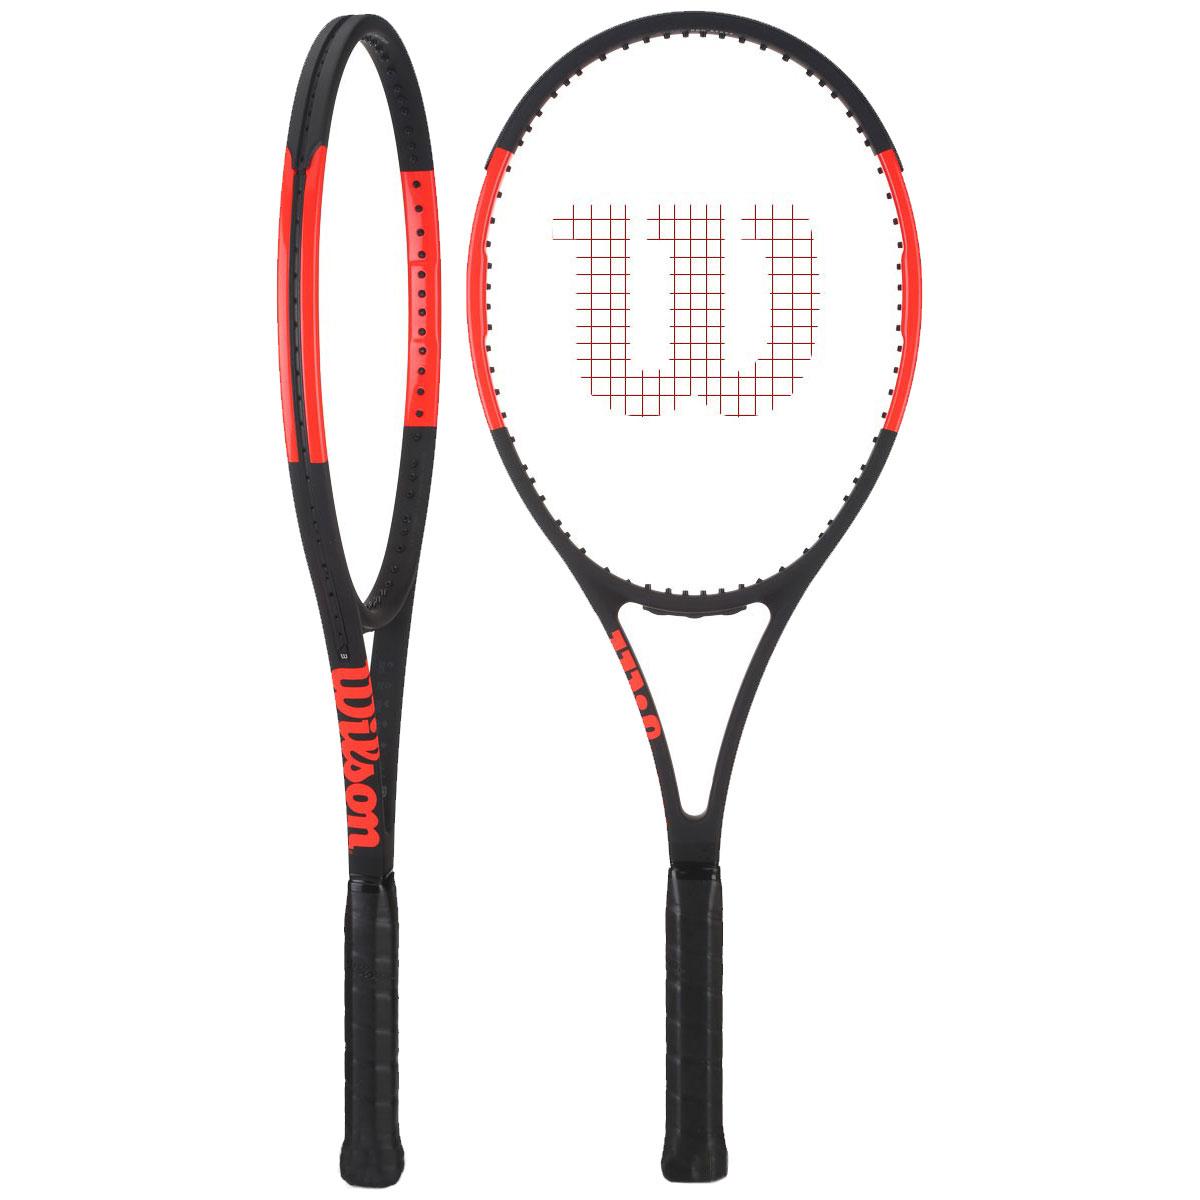 c6d37e3d0 Raquete de Tênis Wilson Pro Staff 97 - Empório do Tenista